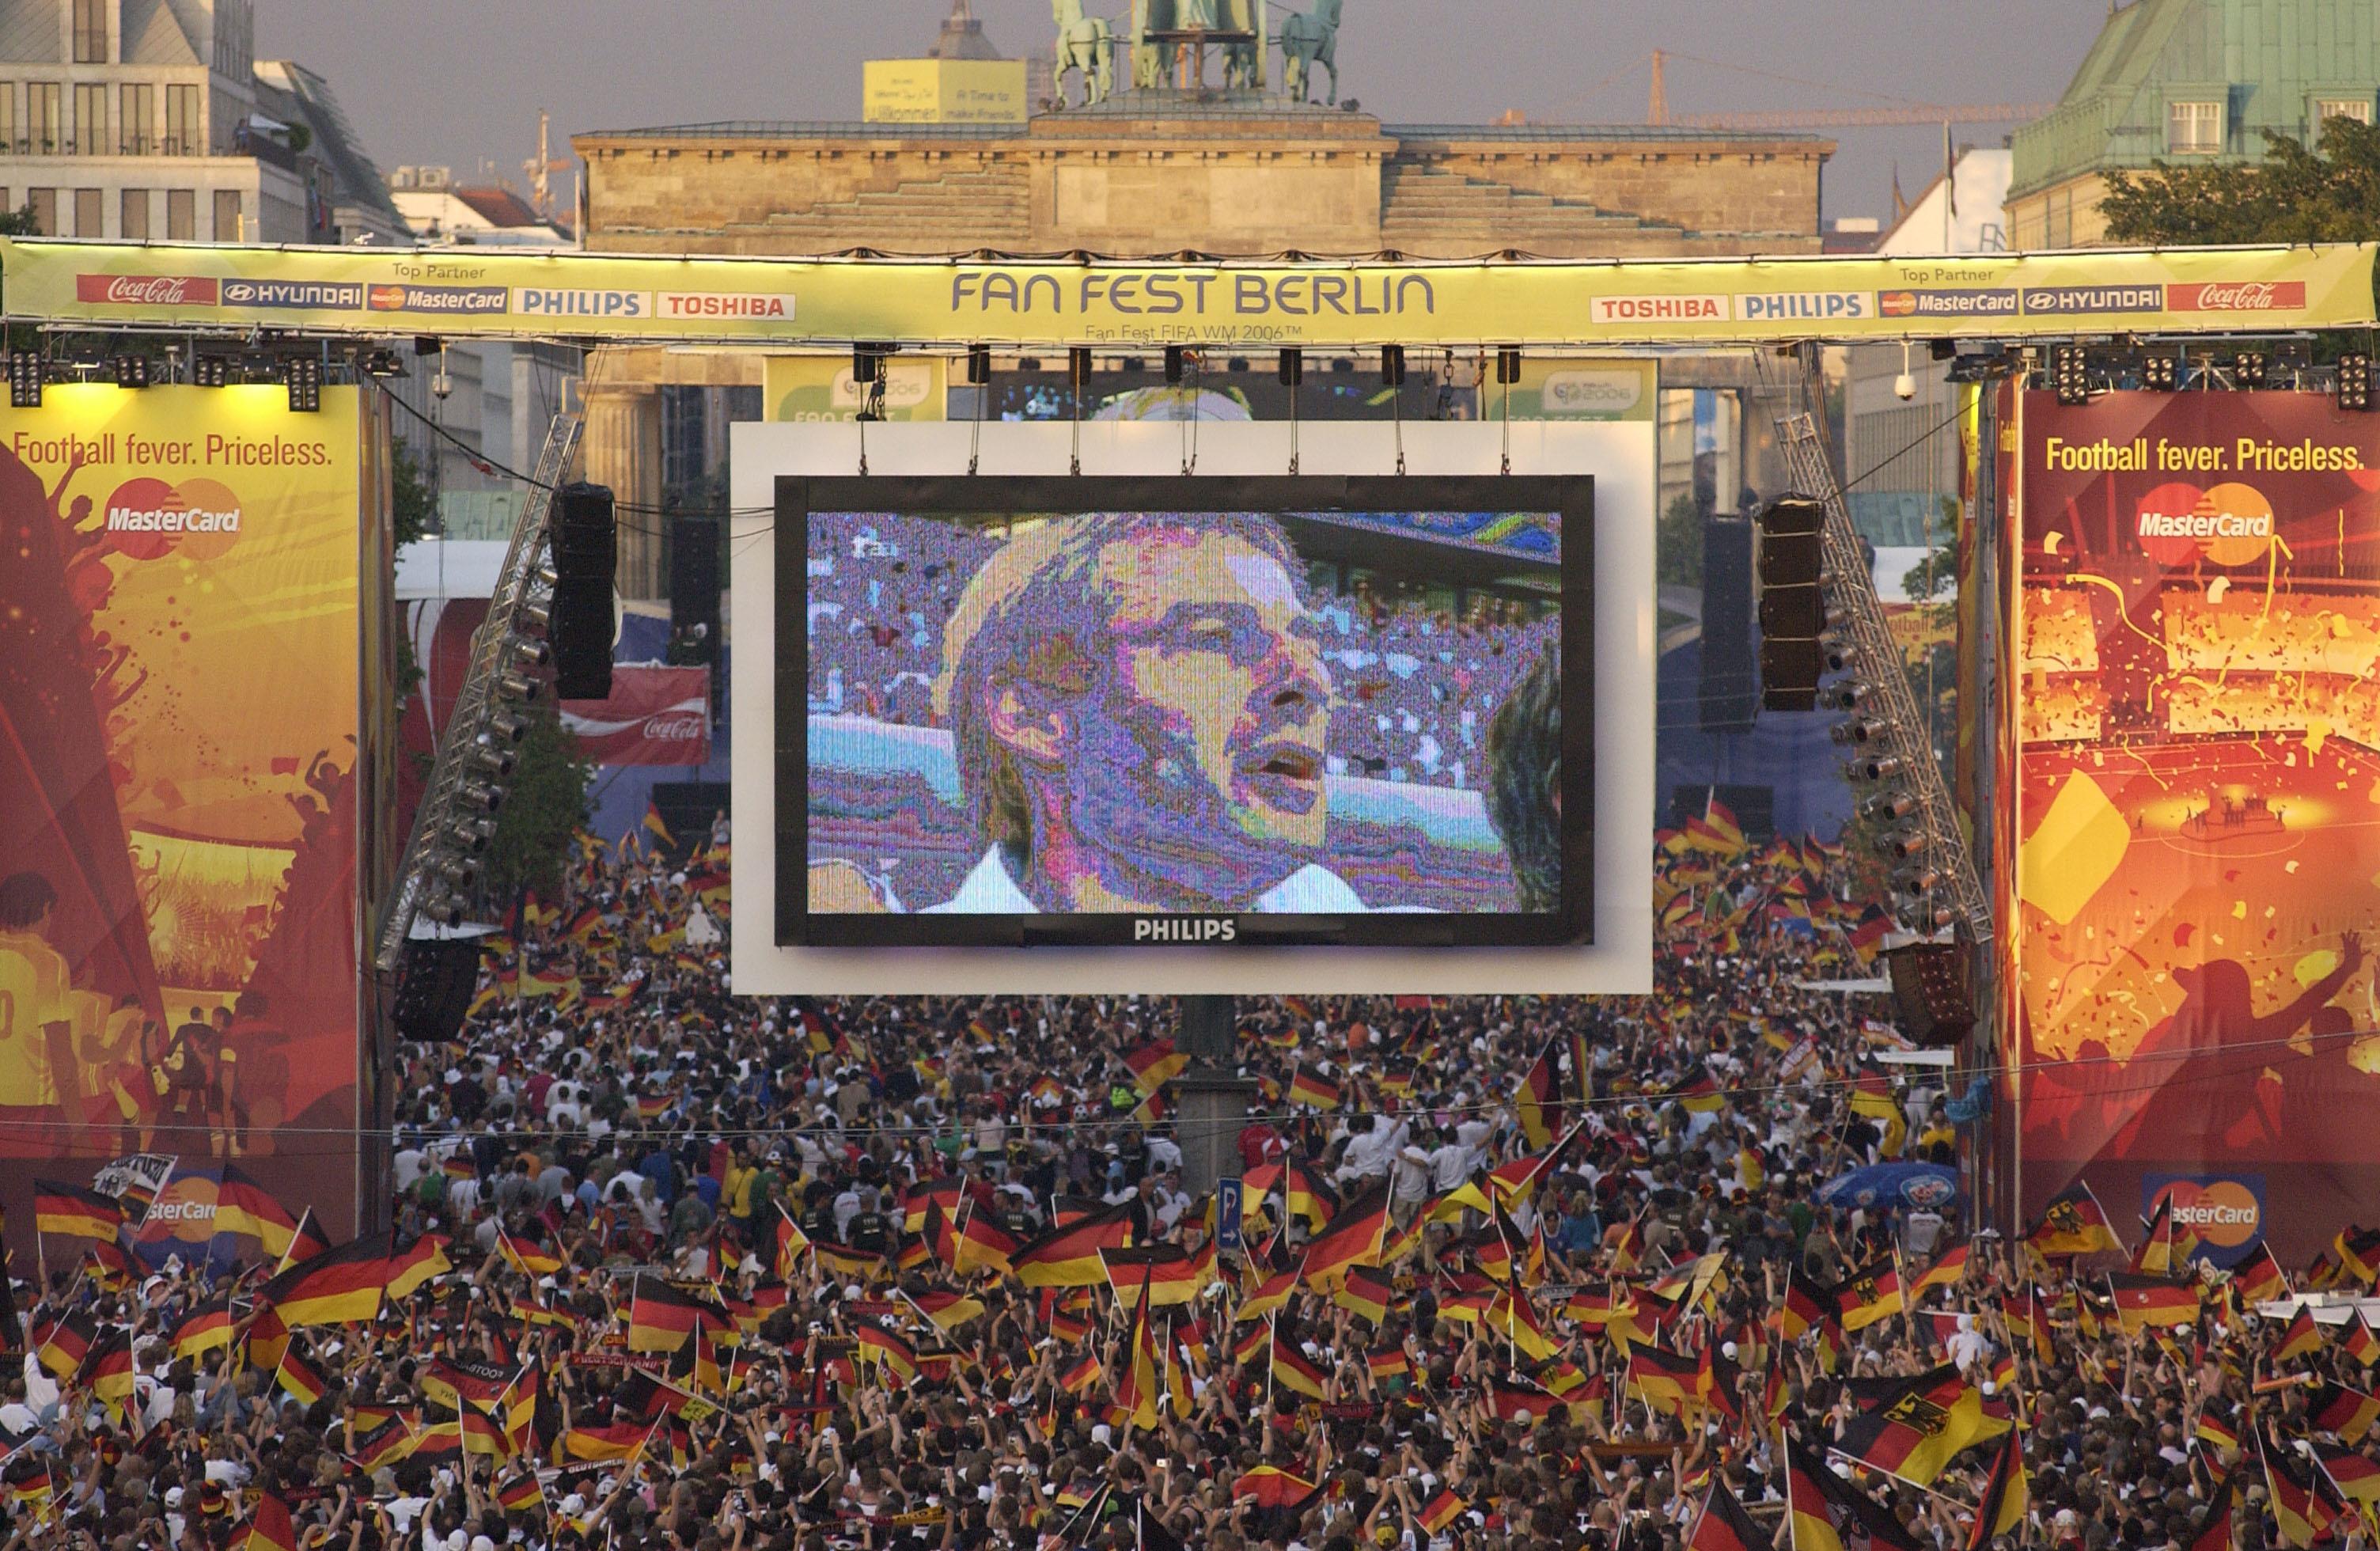 Fan Fest FIFA WM 2006 in Berlin